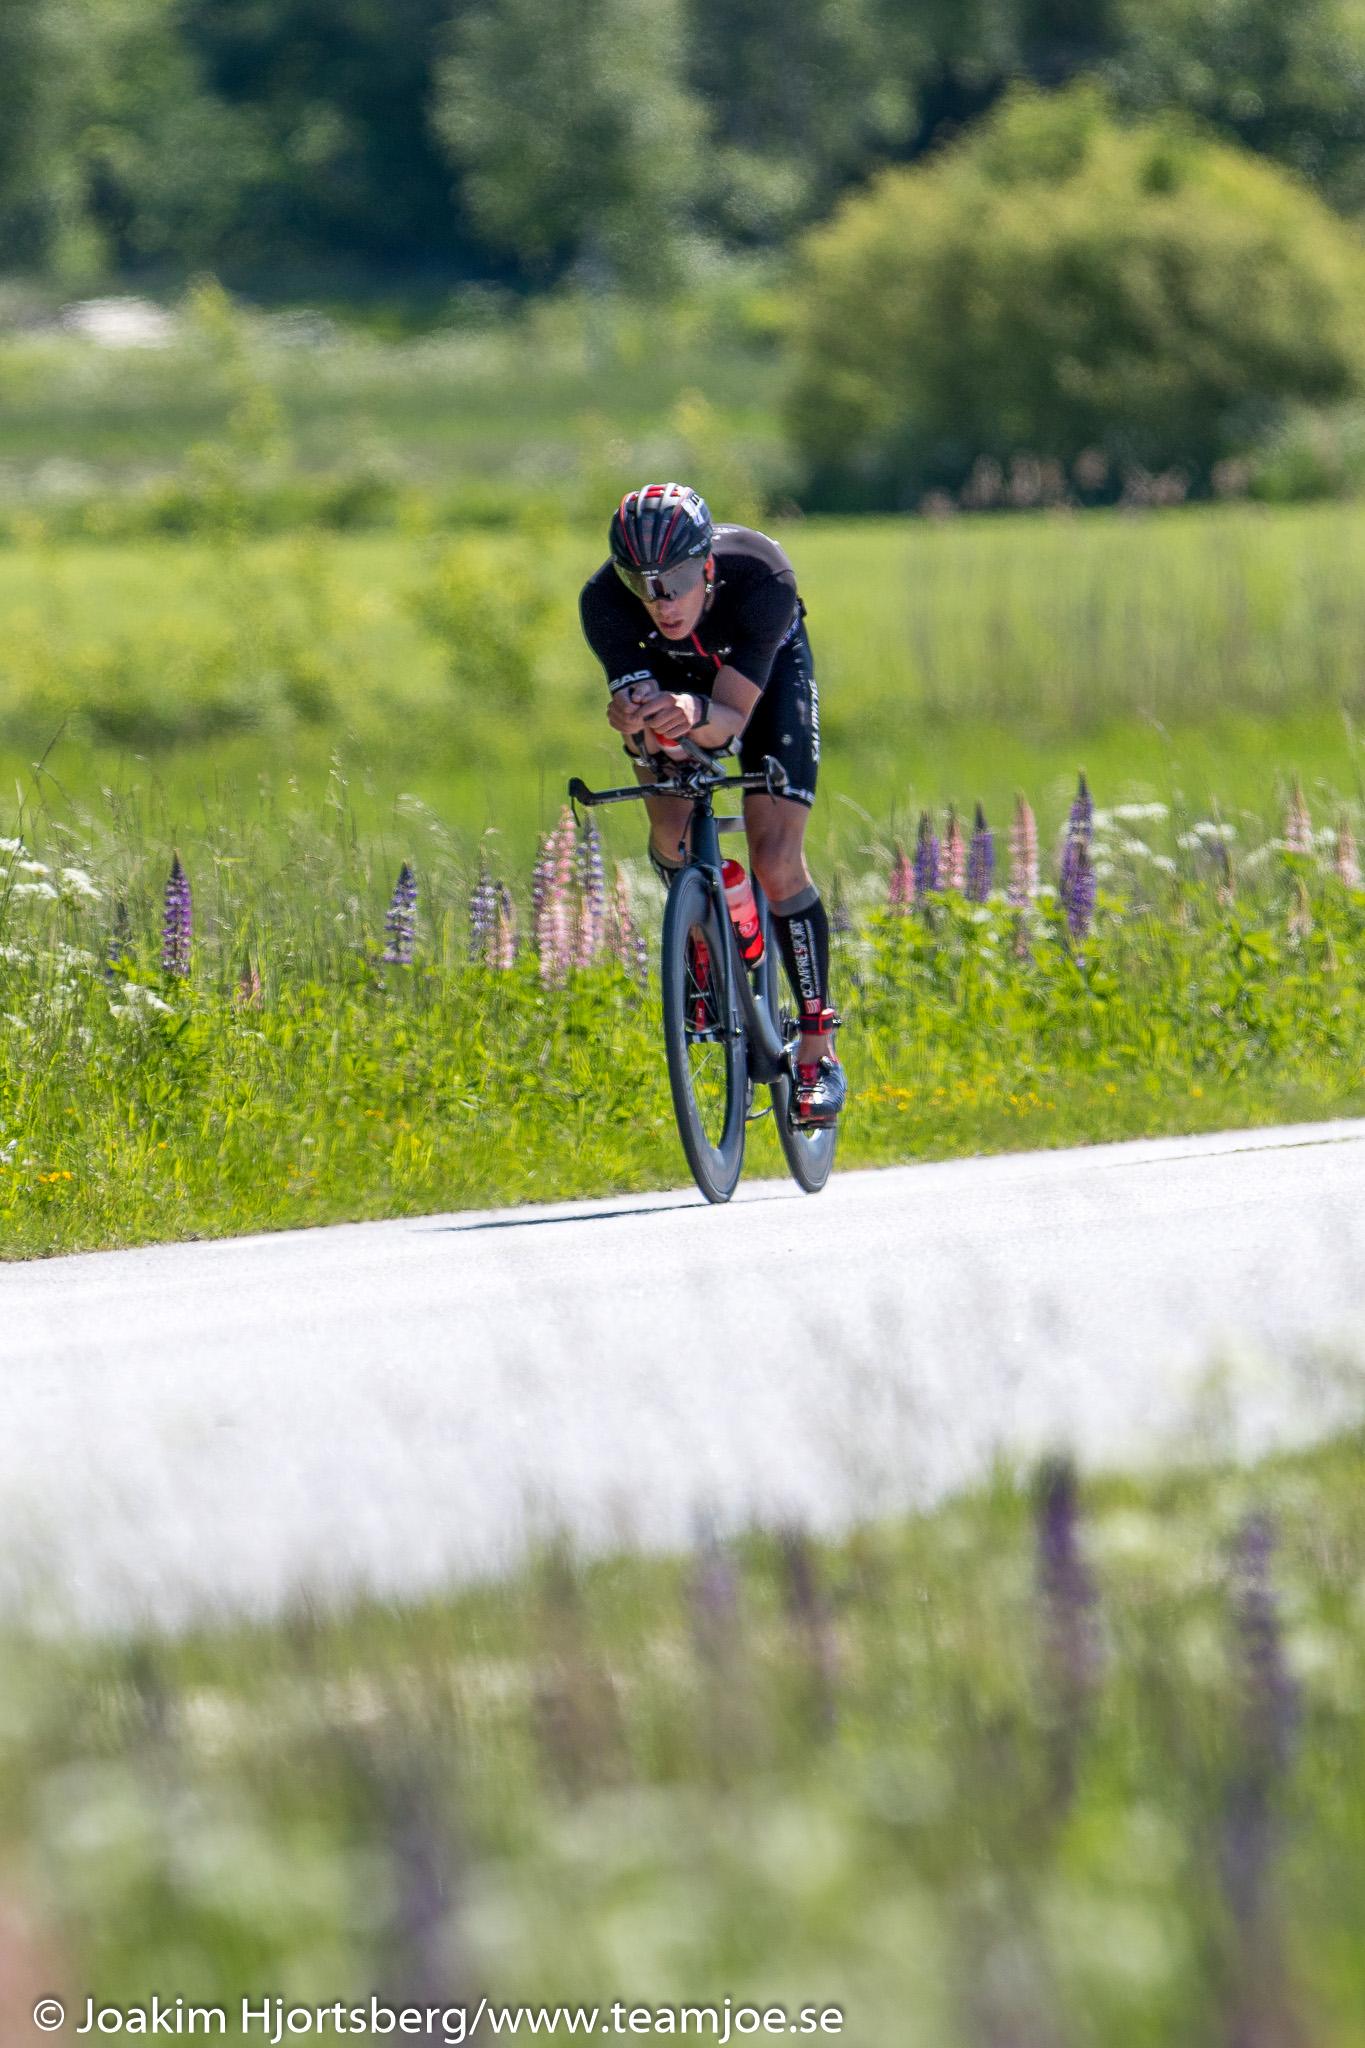 20160606_1110-2 Örebro Triathlon